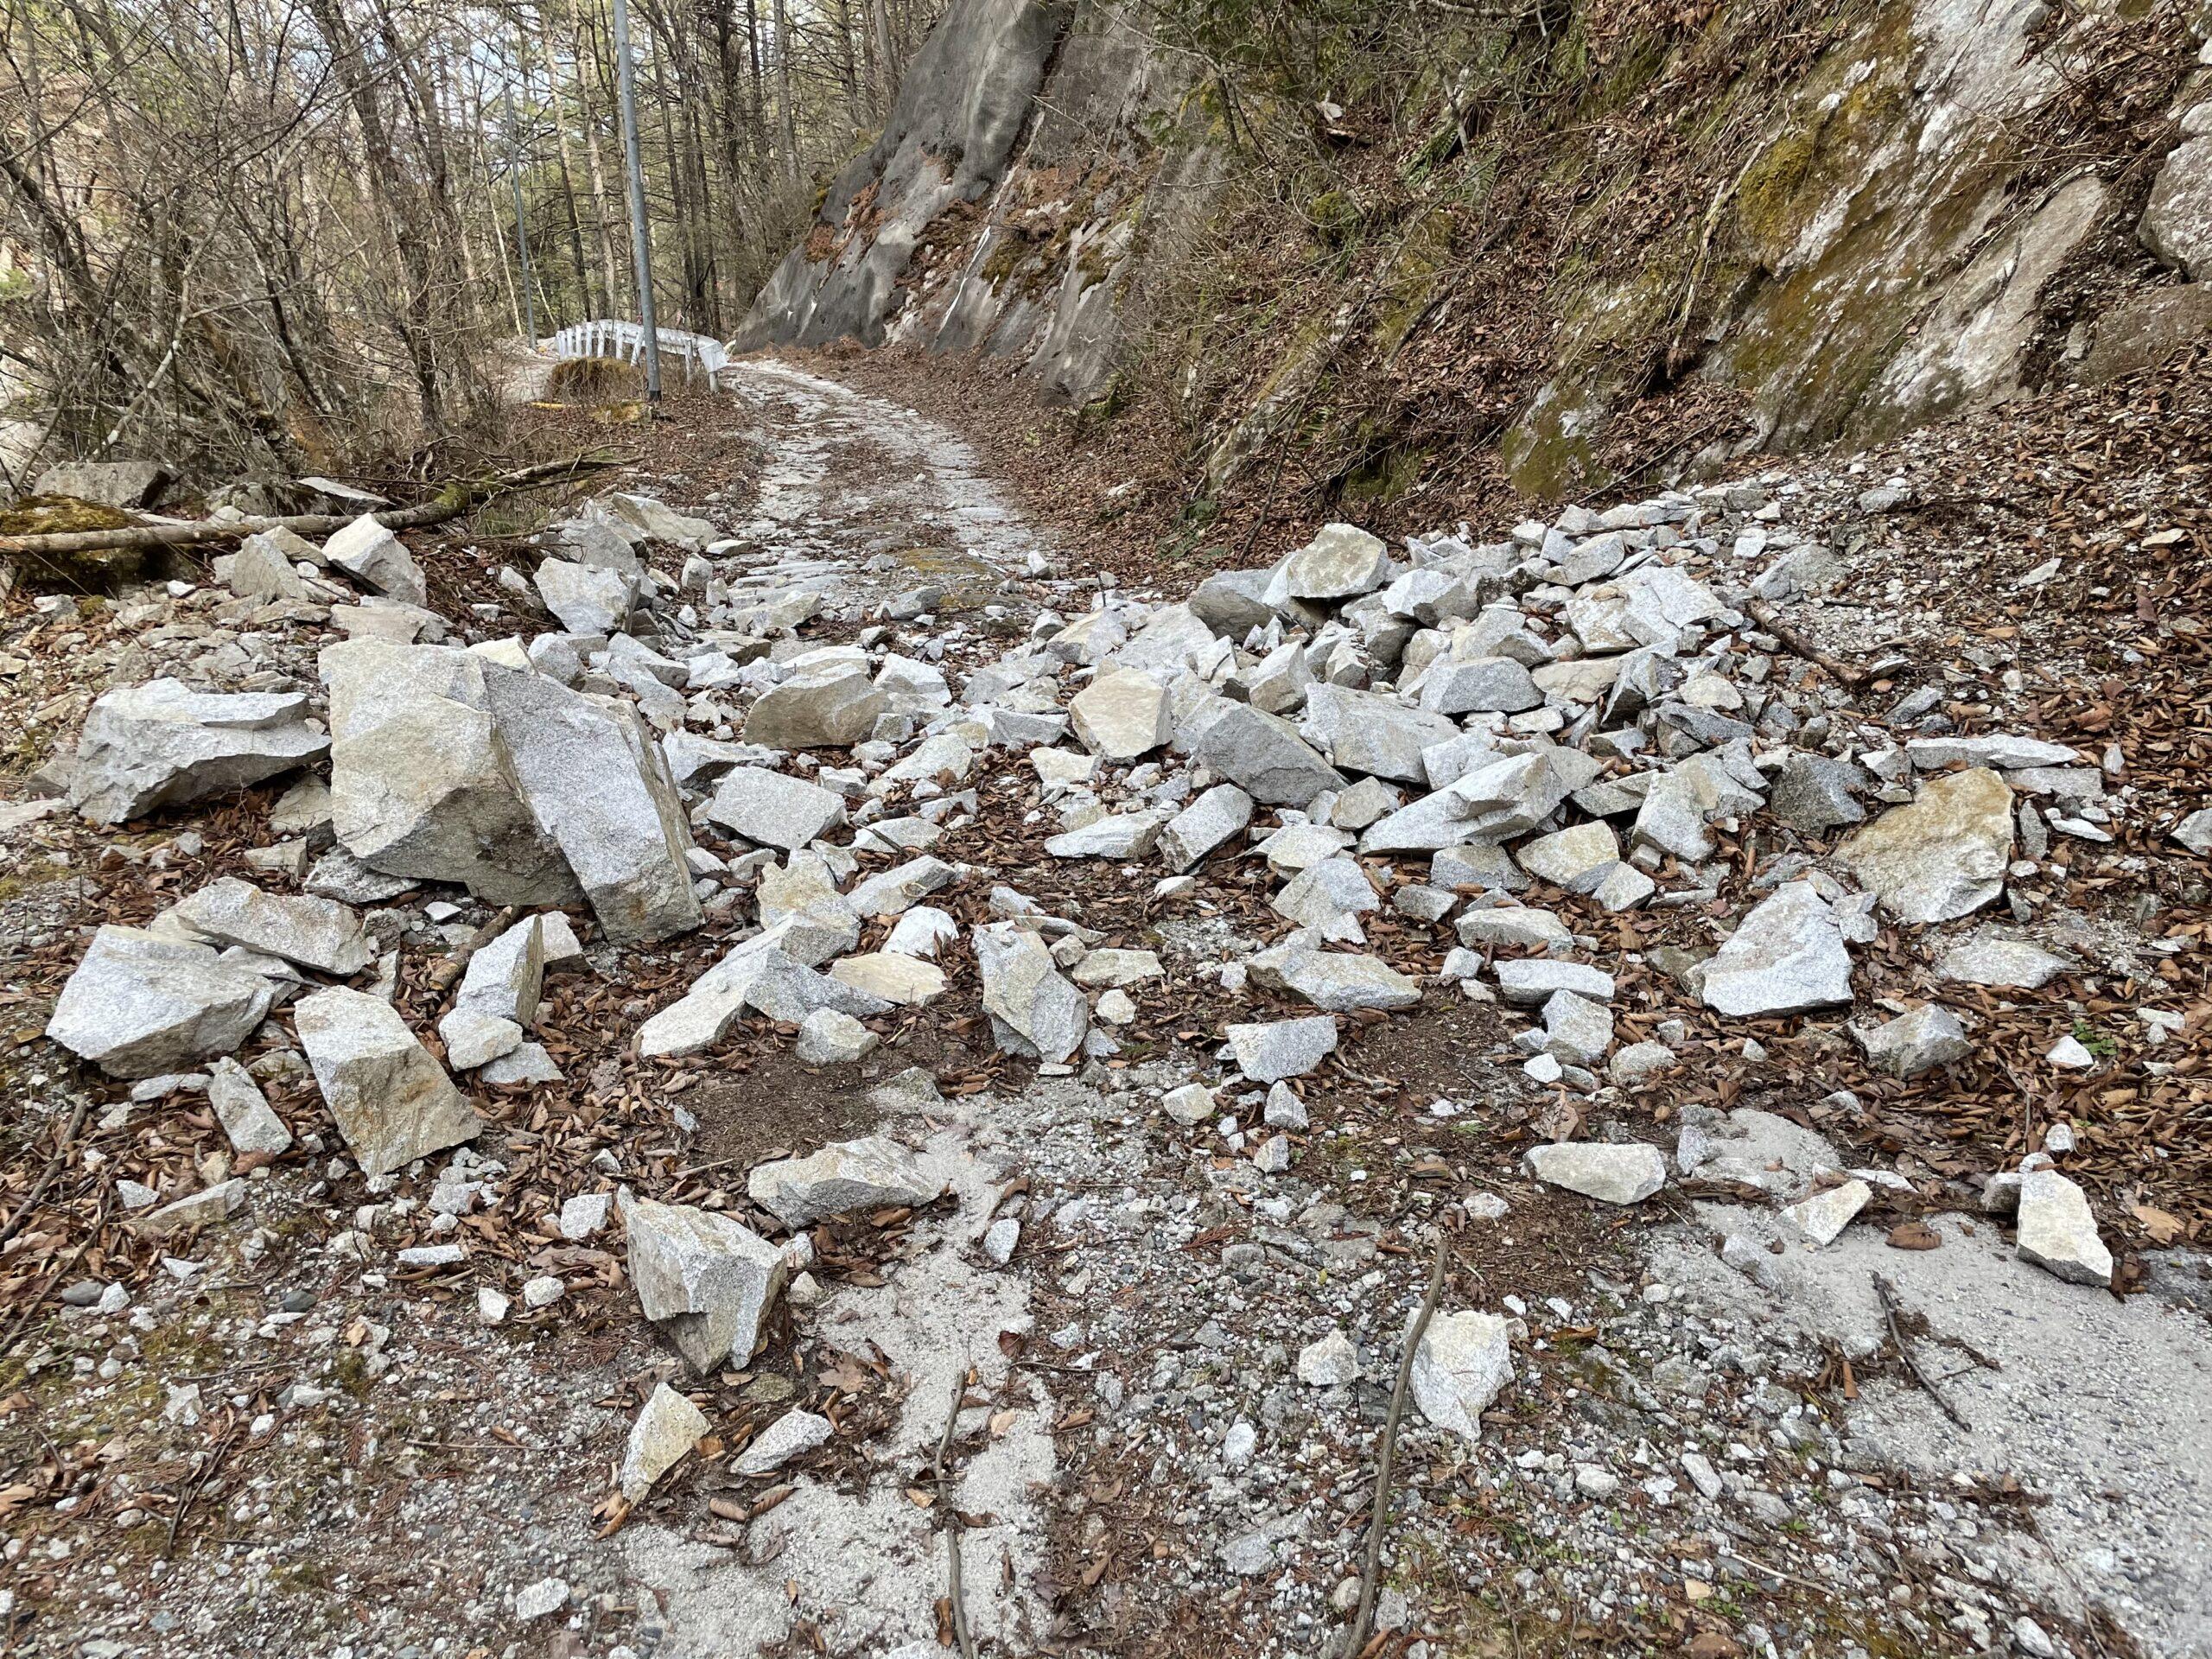 落石の林道